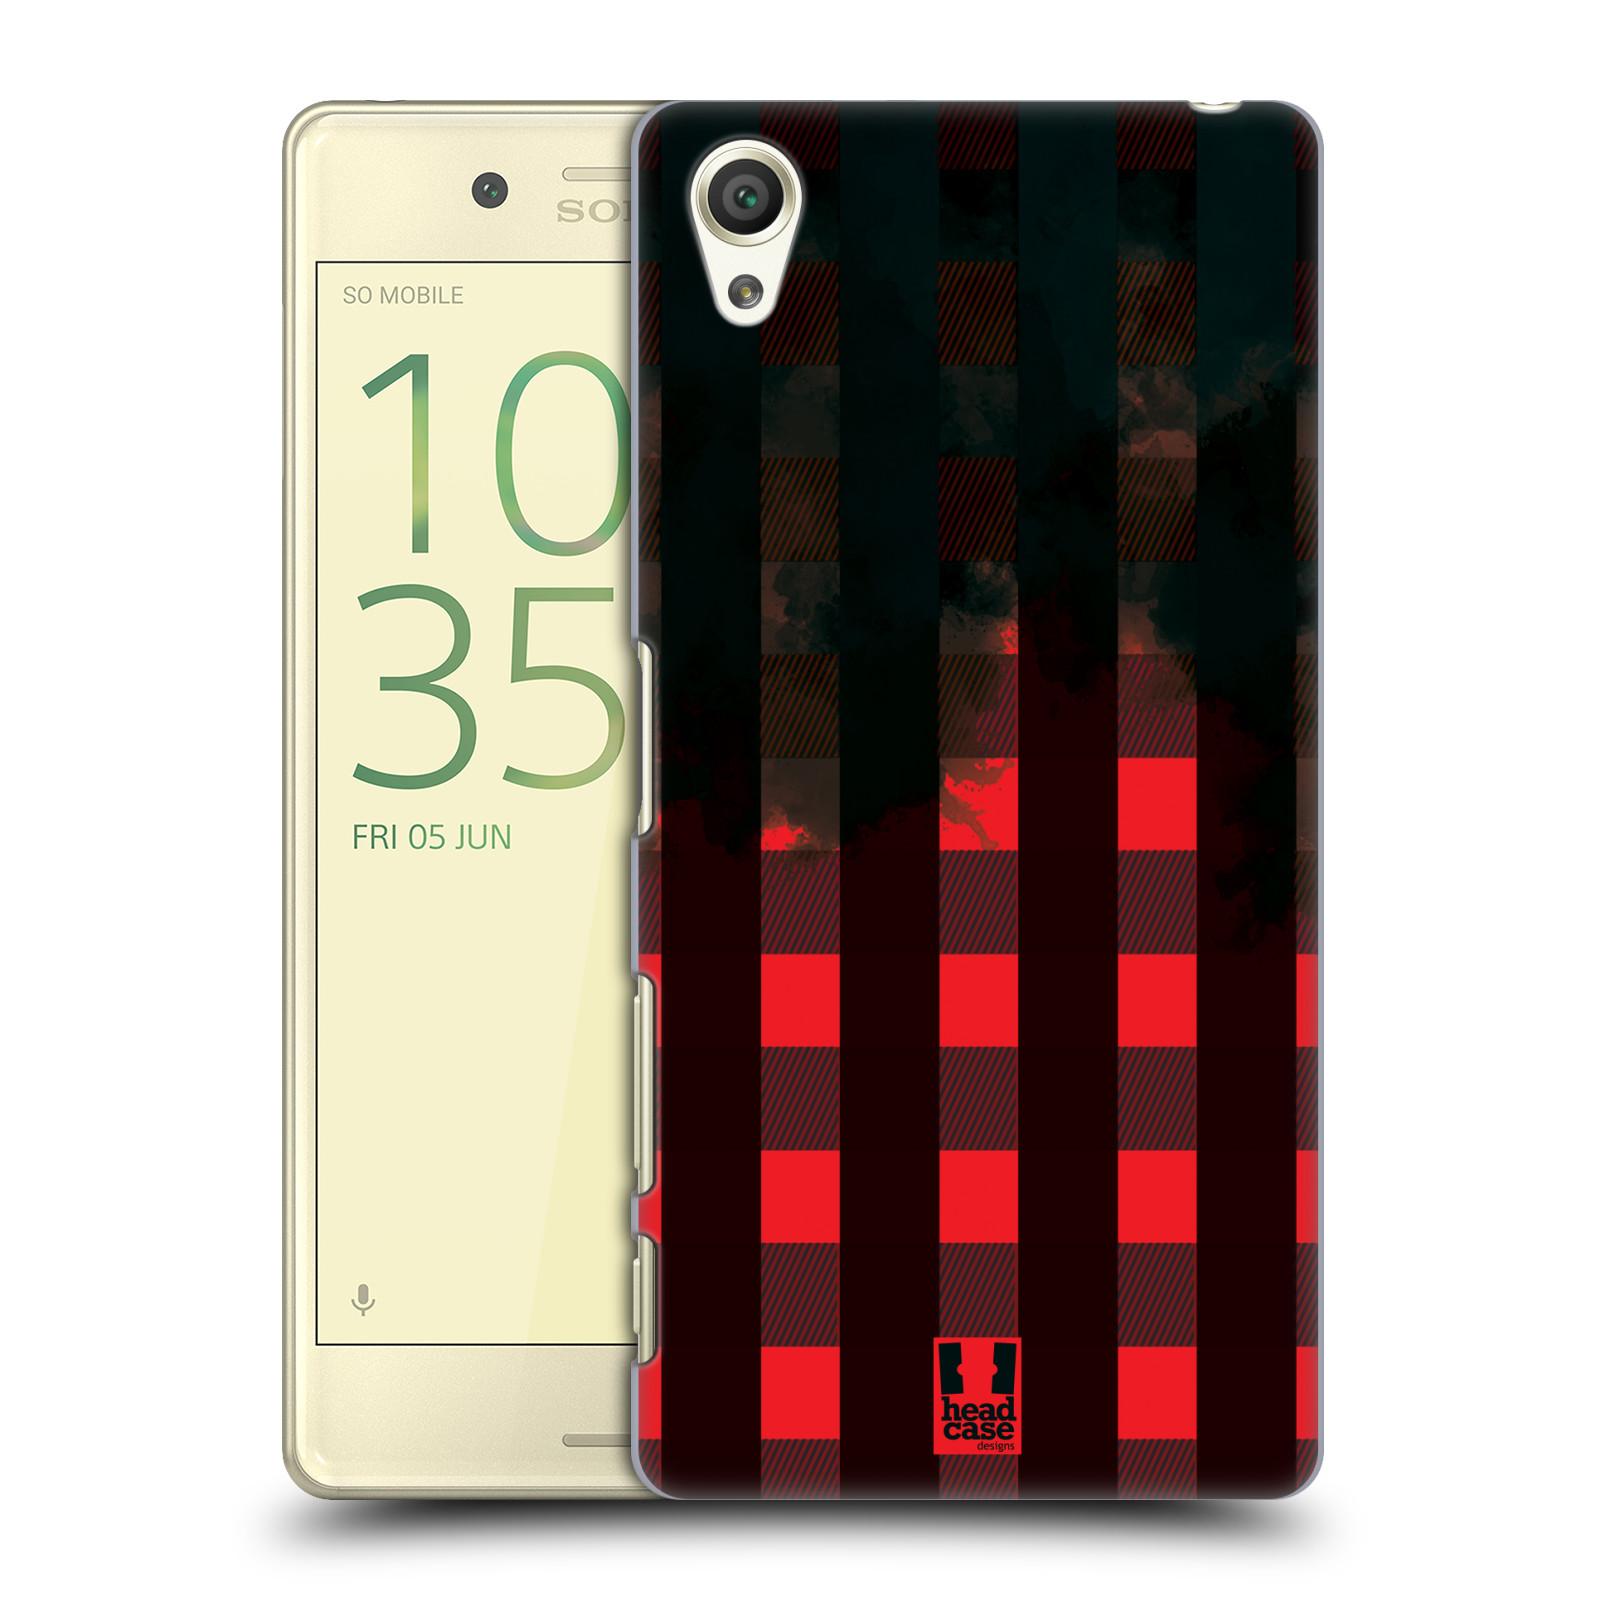 Plastové pouzdro na mobil Sony Xperia X HEAD CASE FLANEL RED BLACK (Plastový kryt či obal na mobilní telefon Sony Xperia X F5121 / Dual F5122)